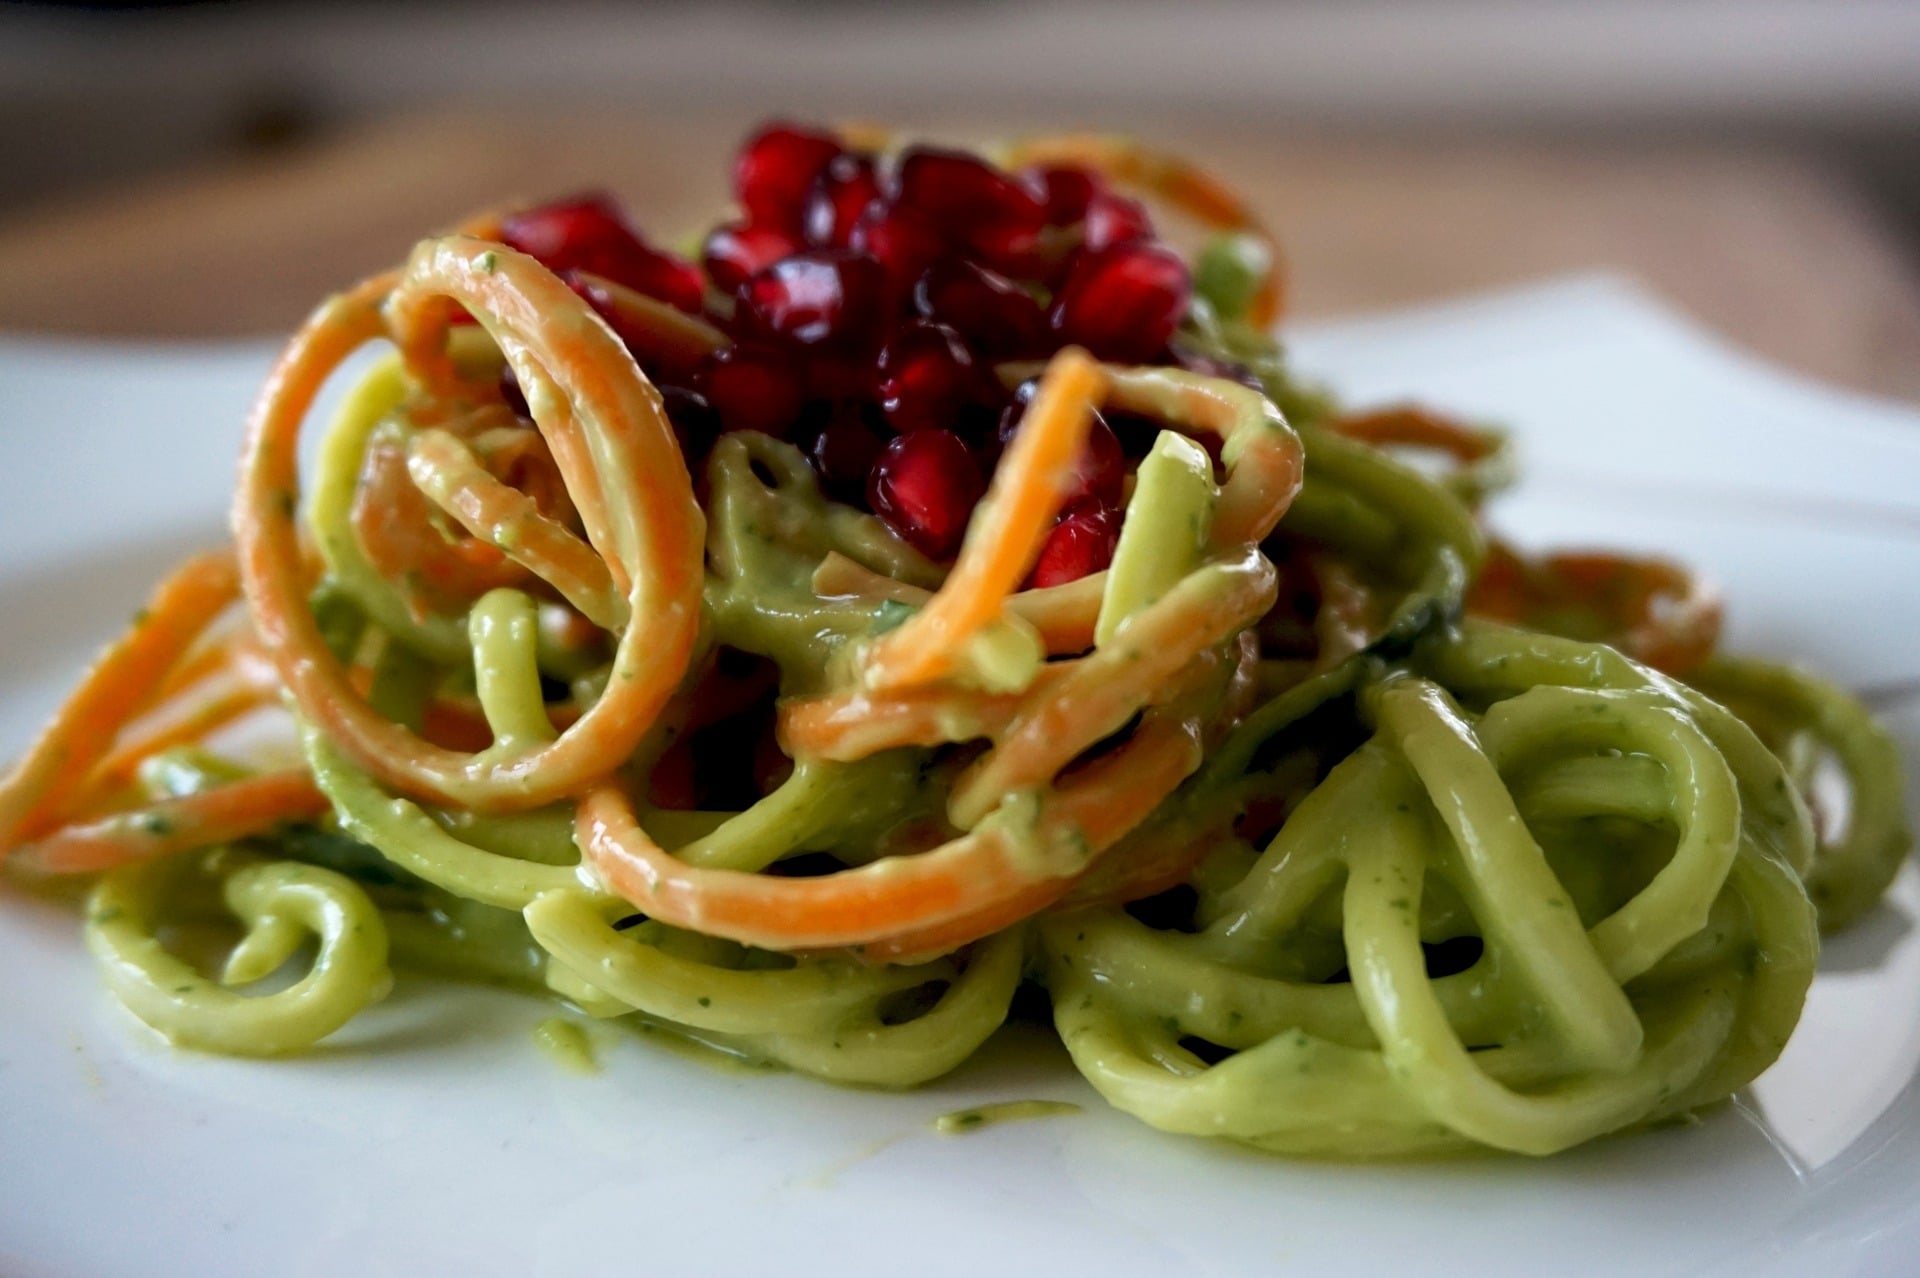 La dieta mediterránea incluye alimentos de efecto antiinflamatorio